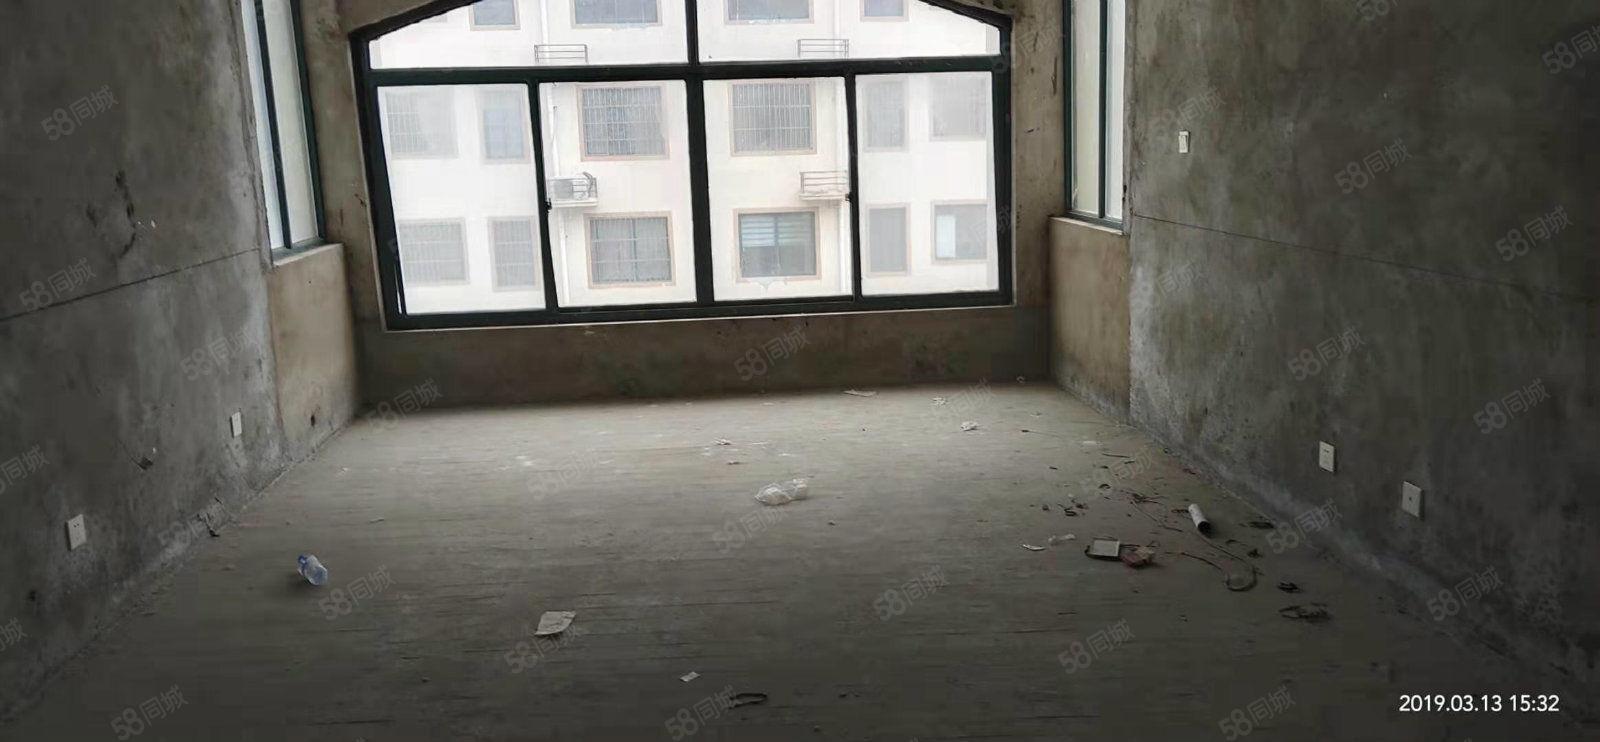 森海豪庭紧缺房源,多层三房,毛坯,可按揭,买就送储藏室